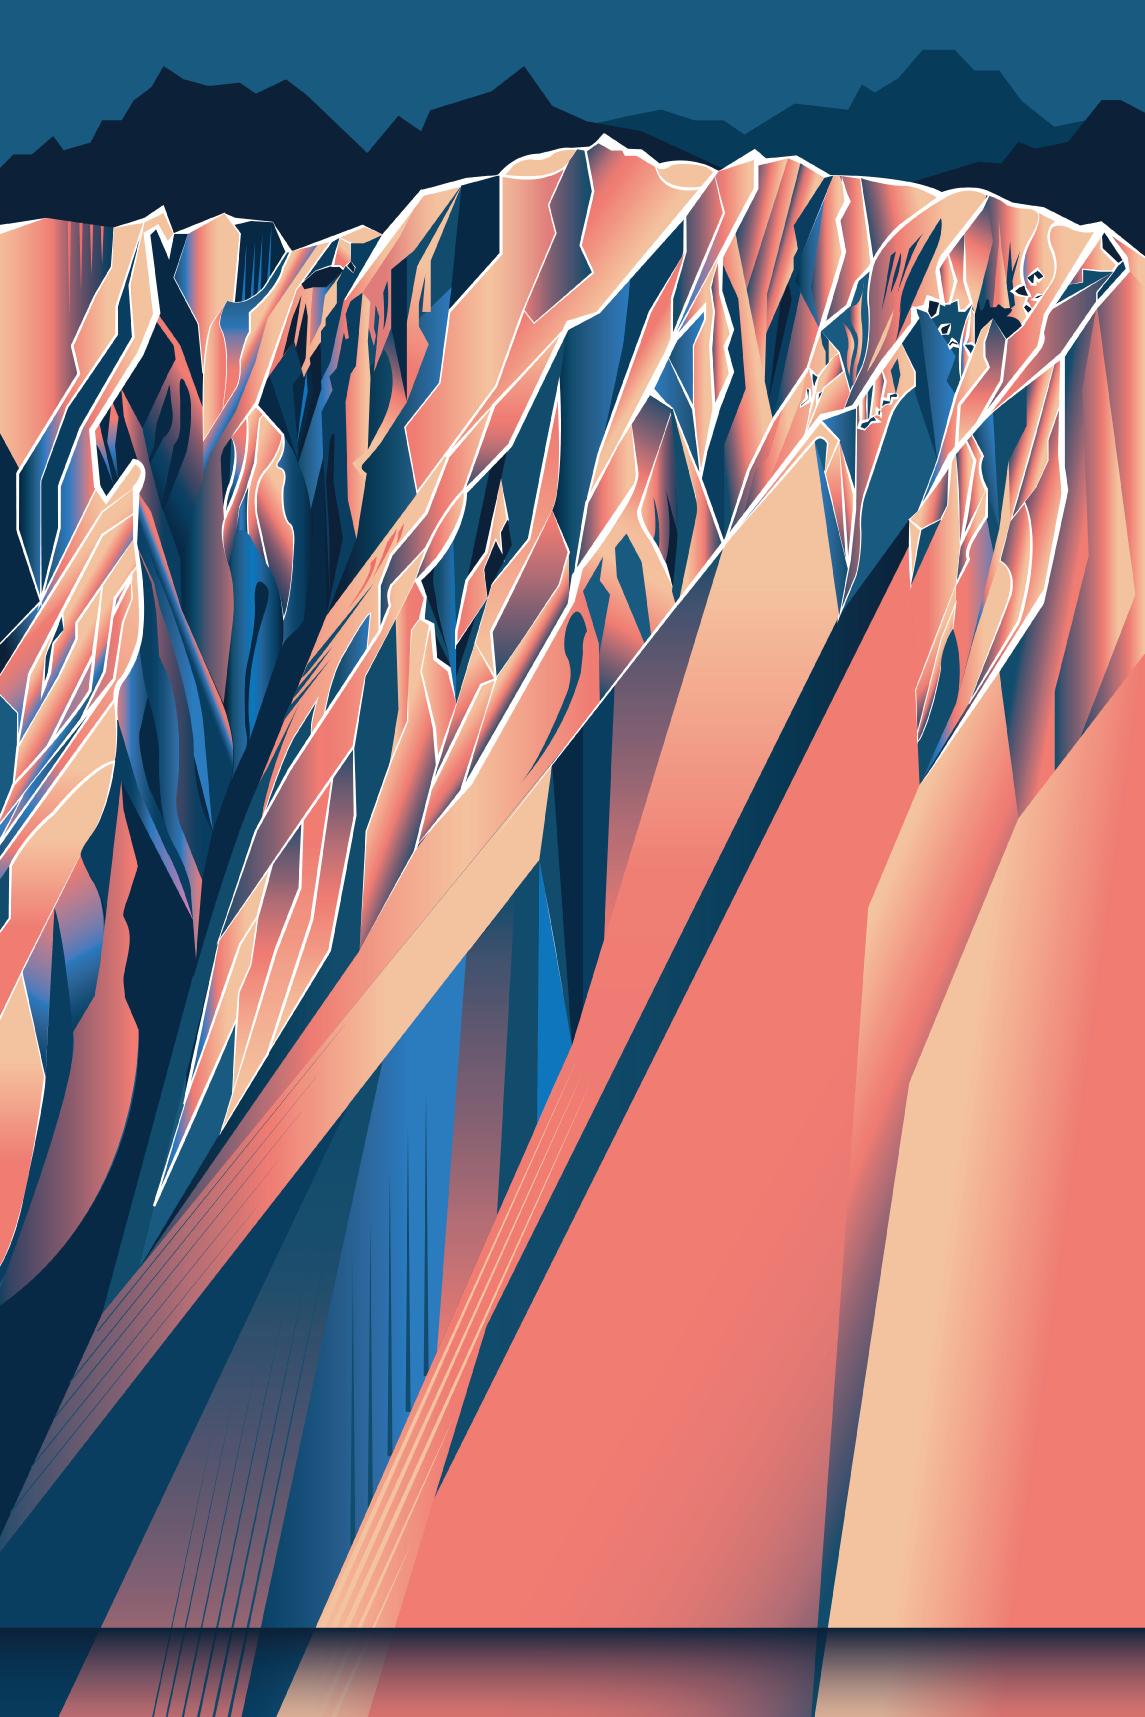 Meg_Smith_Art-Alpen_glory.png